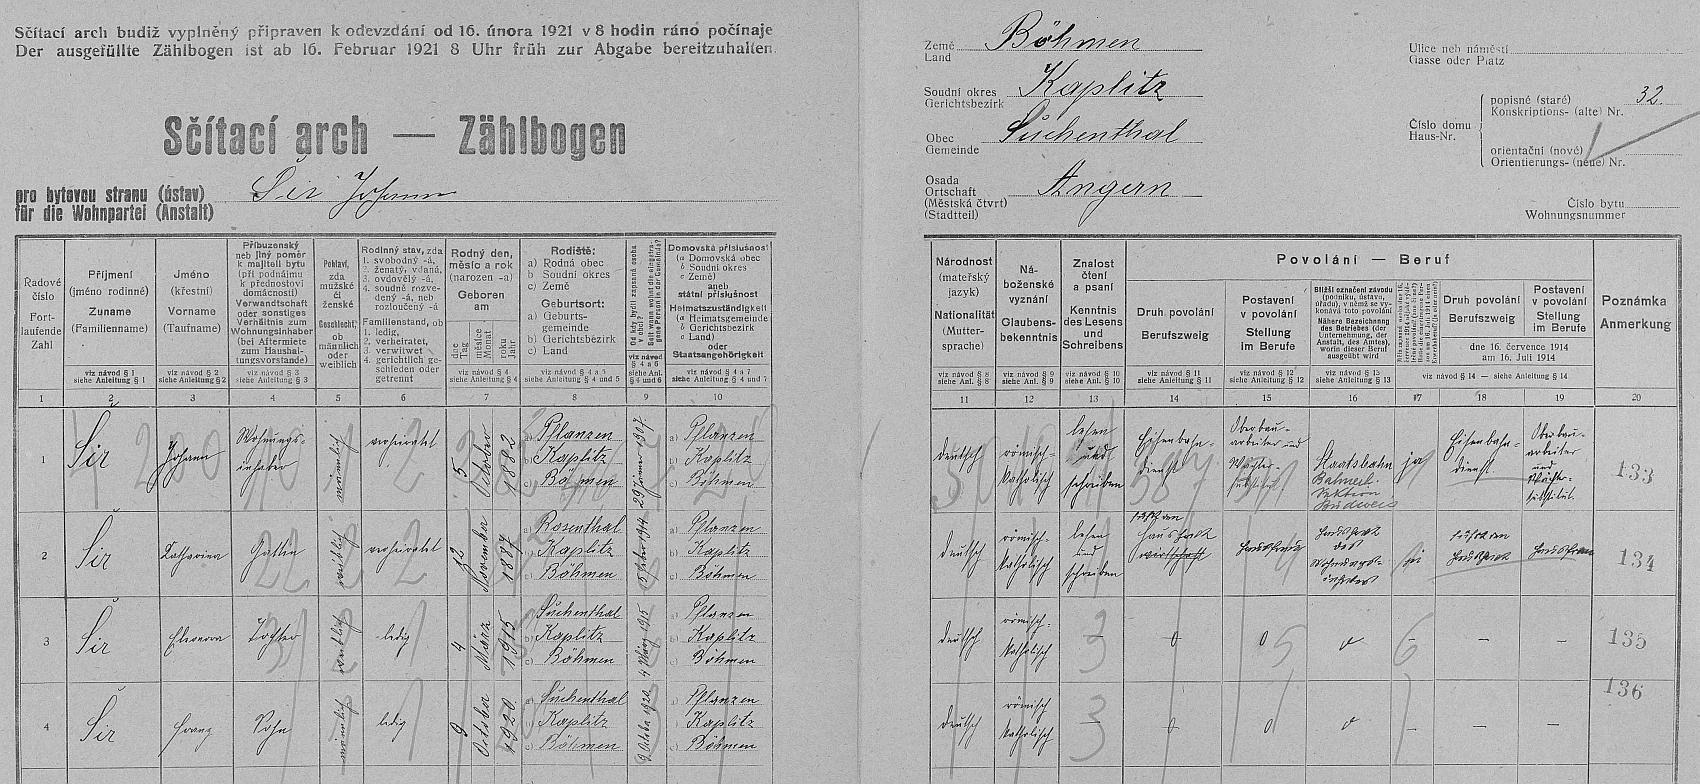 """Arch sčítání lidu z roku 1921 pro stavení čp. 32 v Bujanově s rodinou Hanse Schiera, zde psaného jako """"Johann Šír"""" a v rubrice """"Postavení v povolání"""" označeného jako """"Oberbauarbeiter und Wächtersubstitut"""", tj. dělník na železničním svršku a zástupce traťového hlídače"""